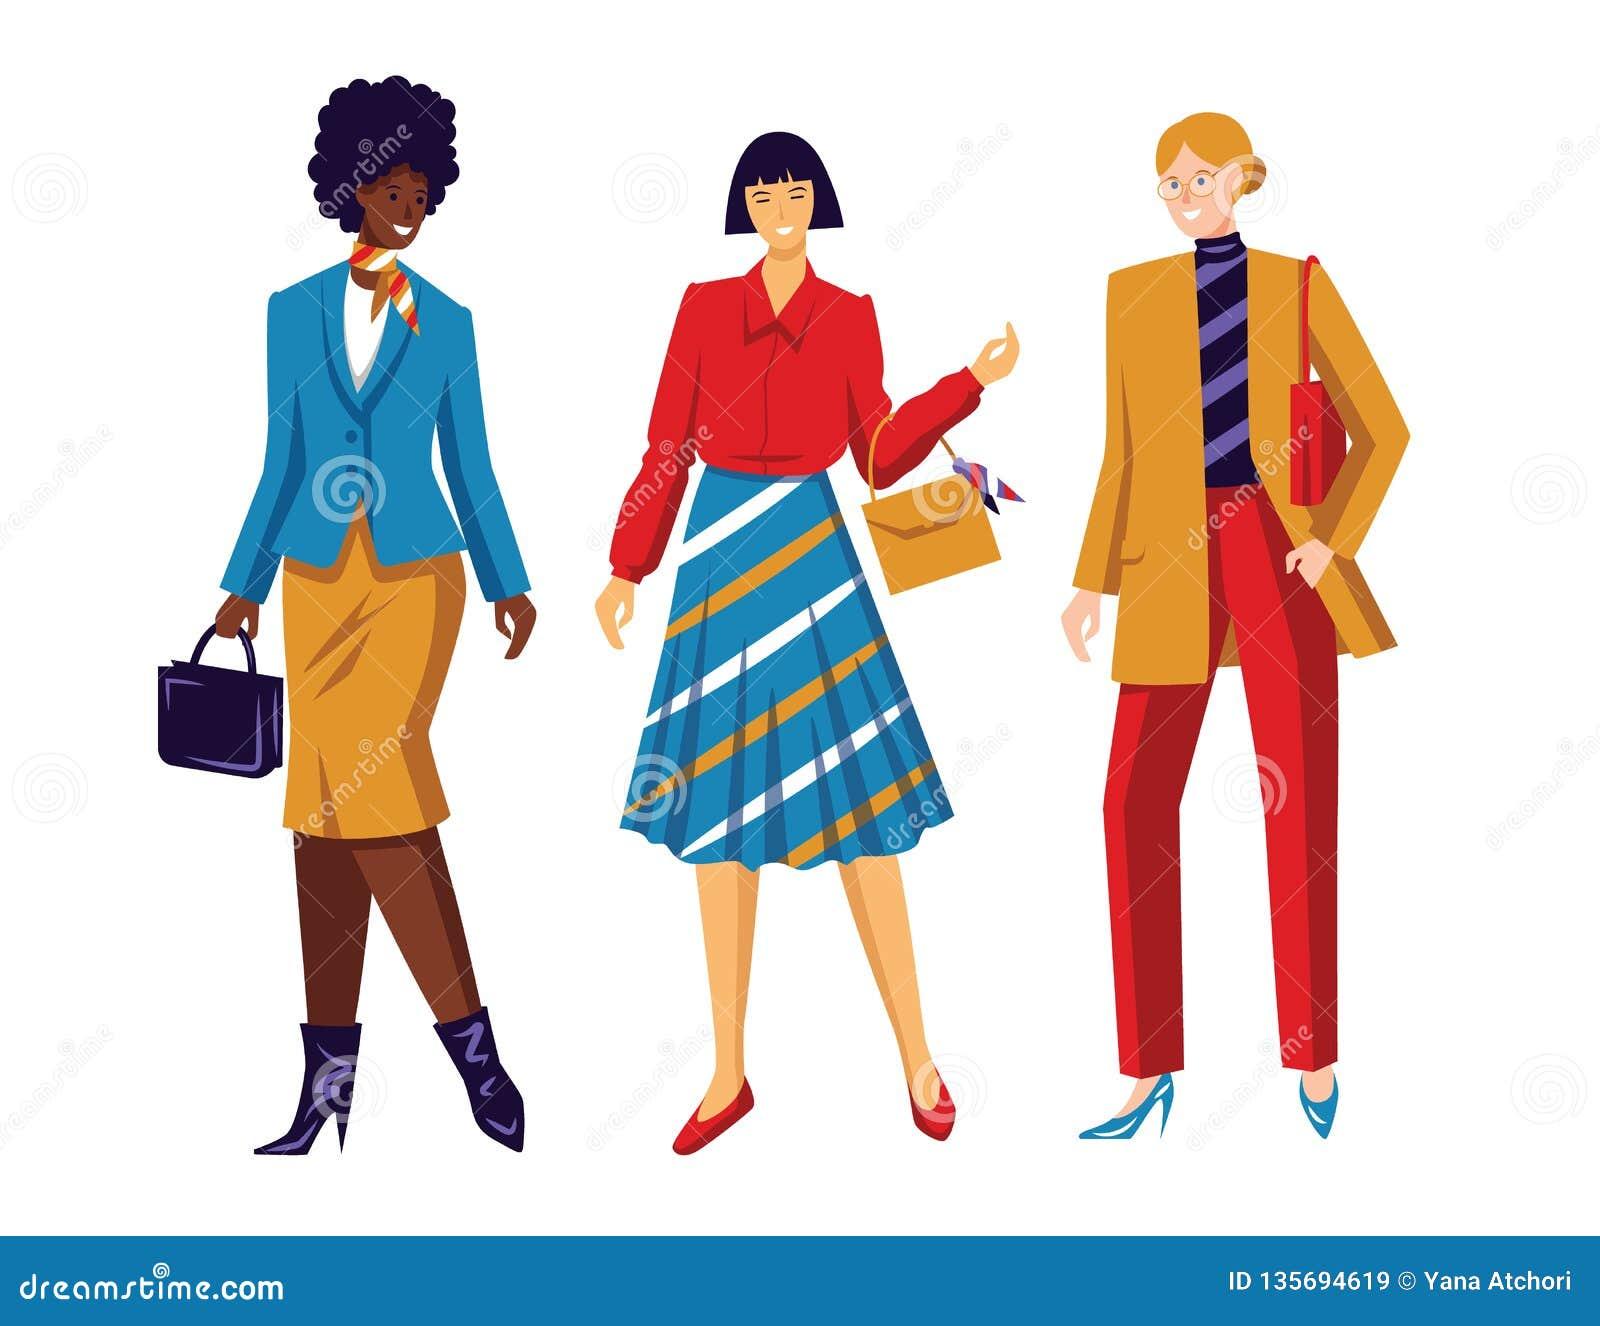 Koloru mieszkania stylu wektorowa ilustracja Kobiety drużyna Konceptualny plakat o żeńskich władzy i równego dobrach Pracujące dz